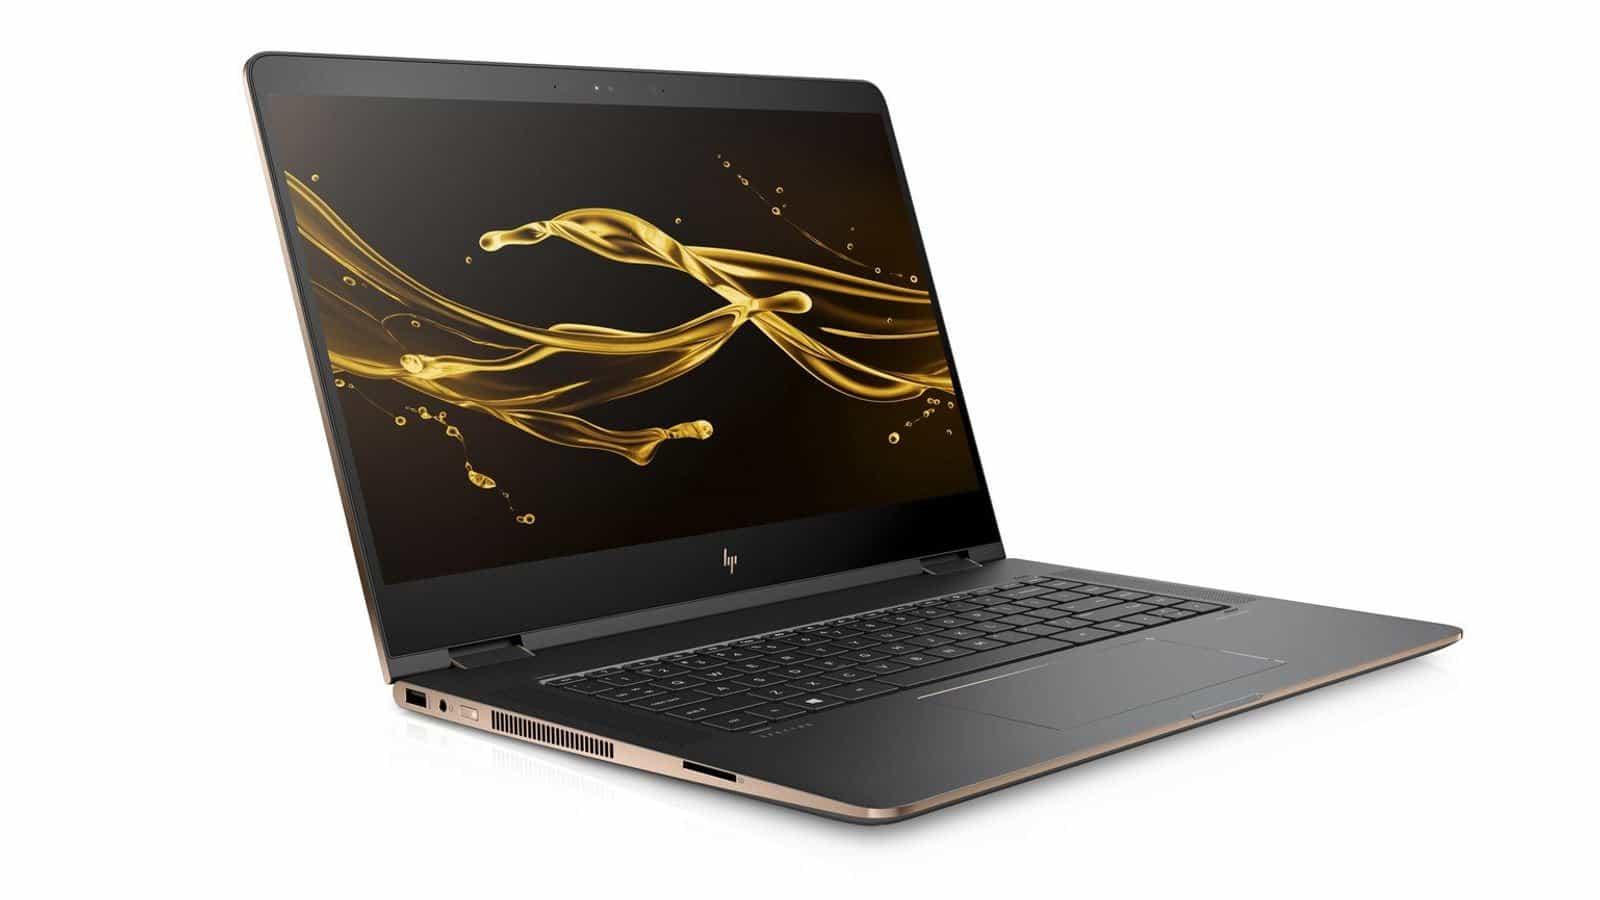 Vamers - FYI - Gadgetology - HP Spectre x360 gets a glorious 4K screen, optional Touch pen - 02